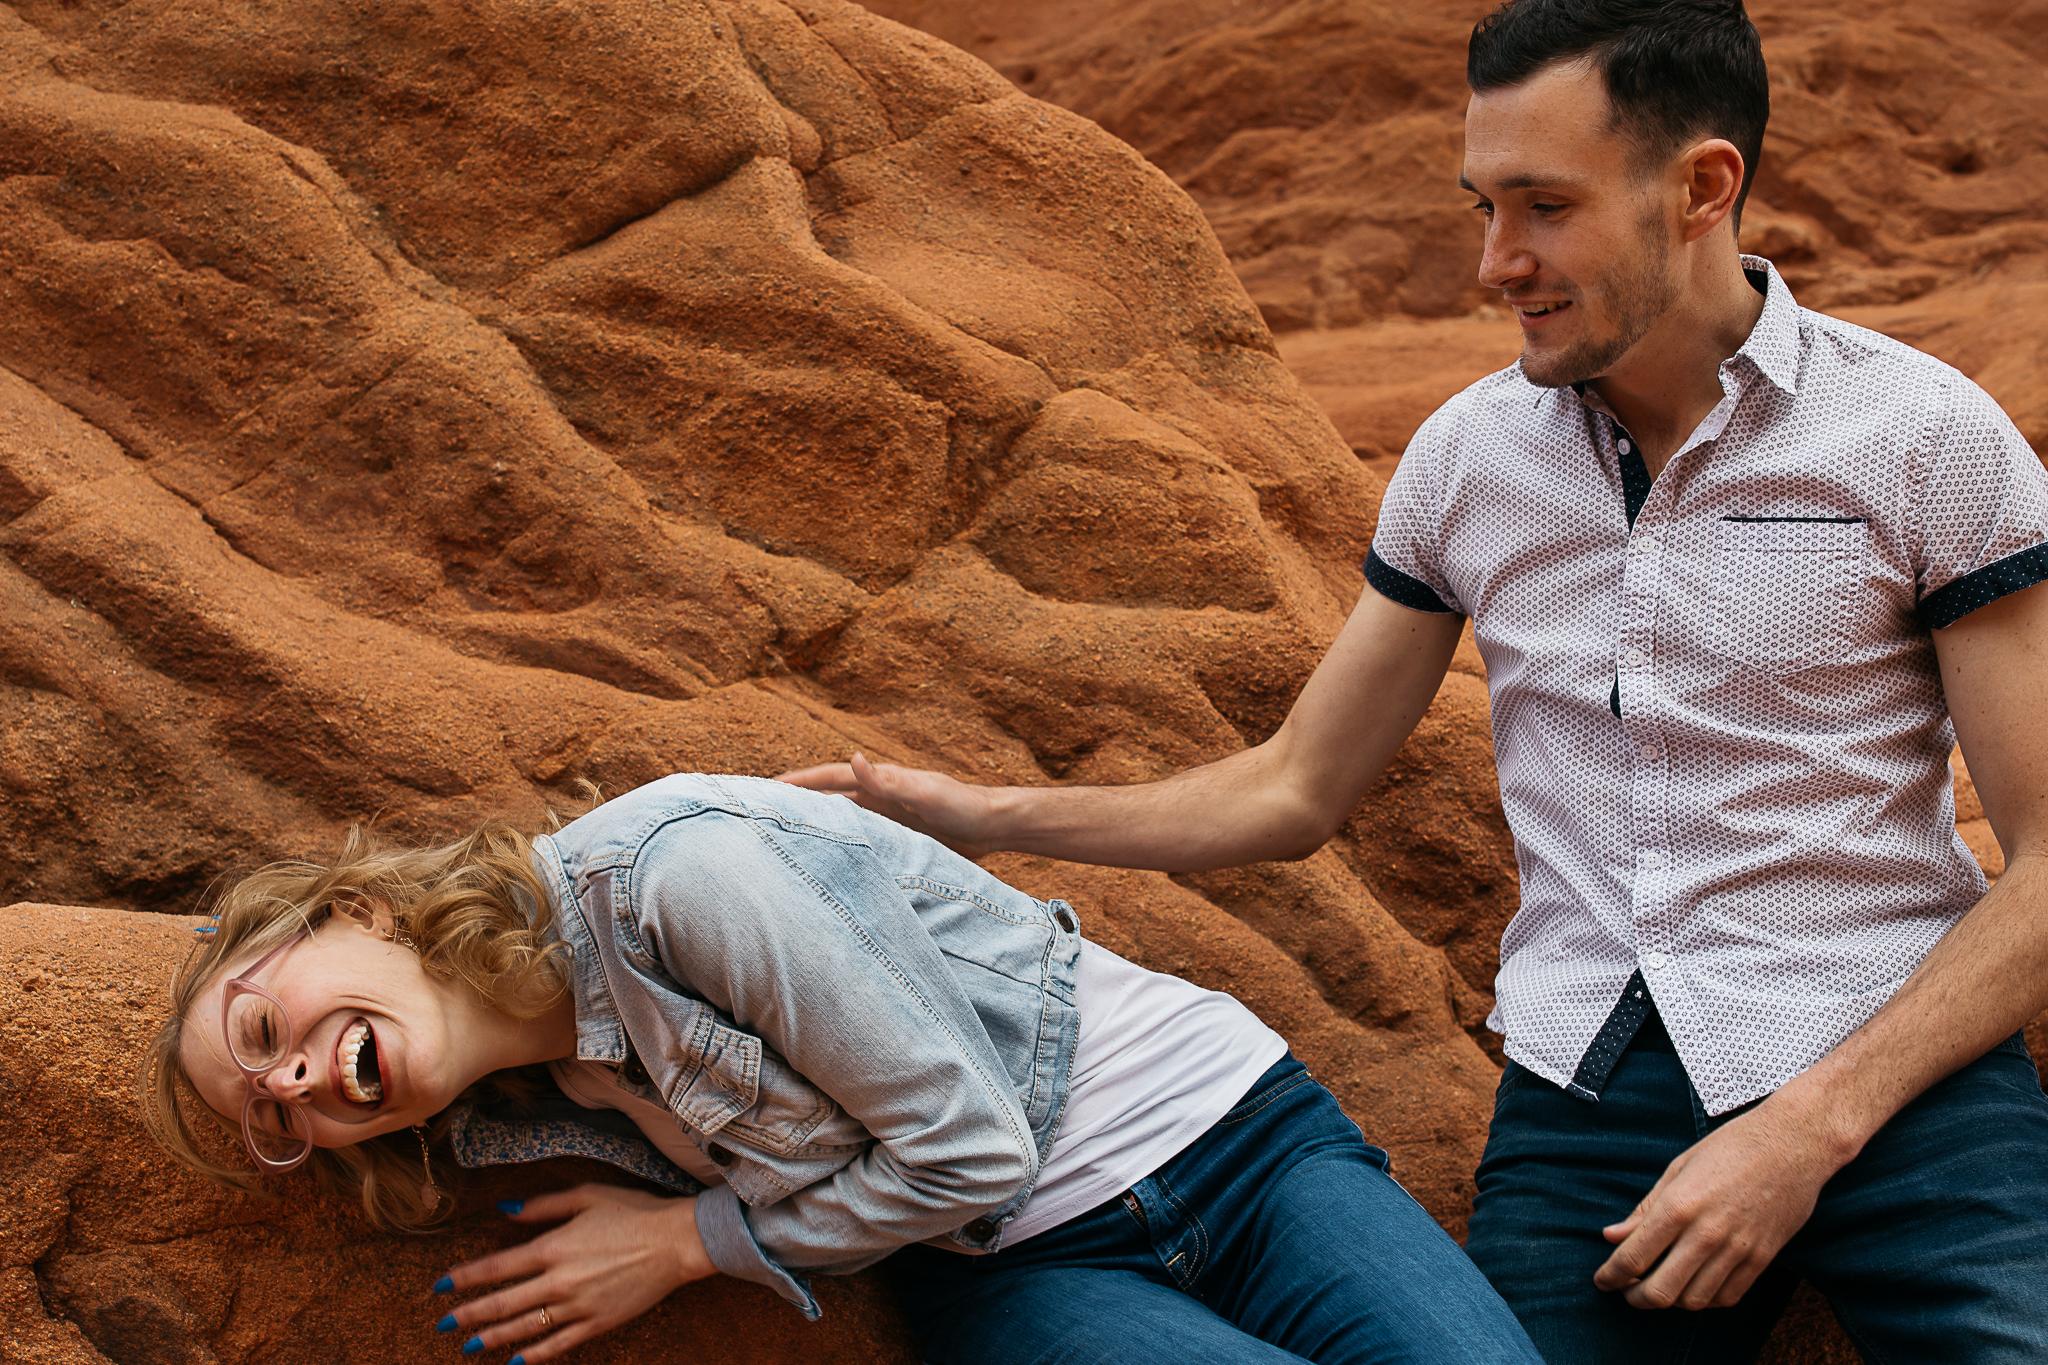 Elizabeth-and-Ryan-GardenoftheGods-Thewarmtharoundyou-26.jpg